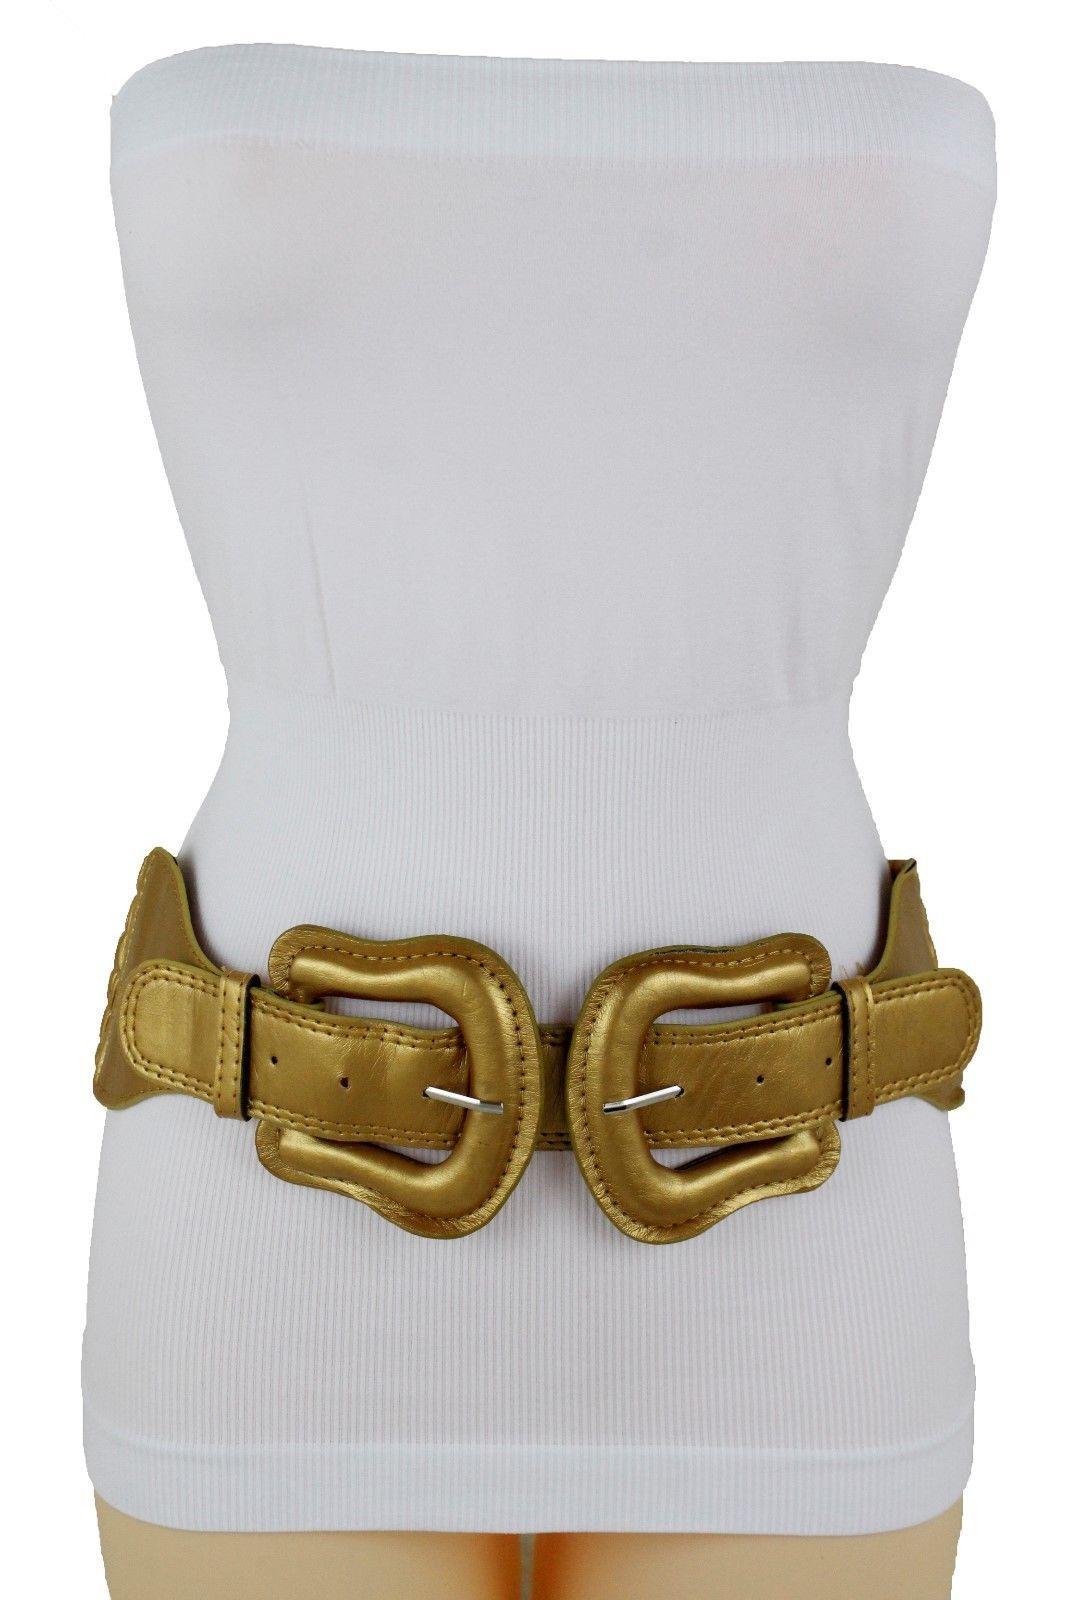 Damen Gold Breit Elastische Bänder Stoff West Auffällige Gürtel Groß Doppel